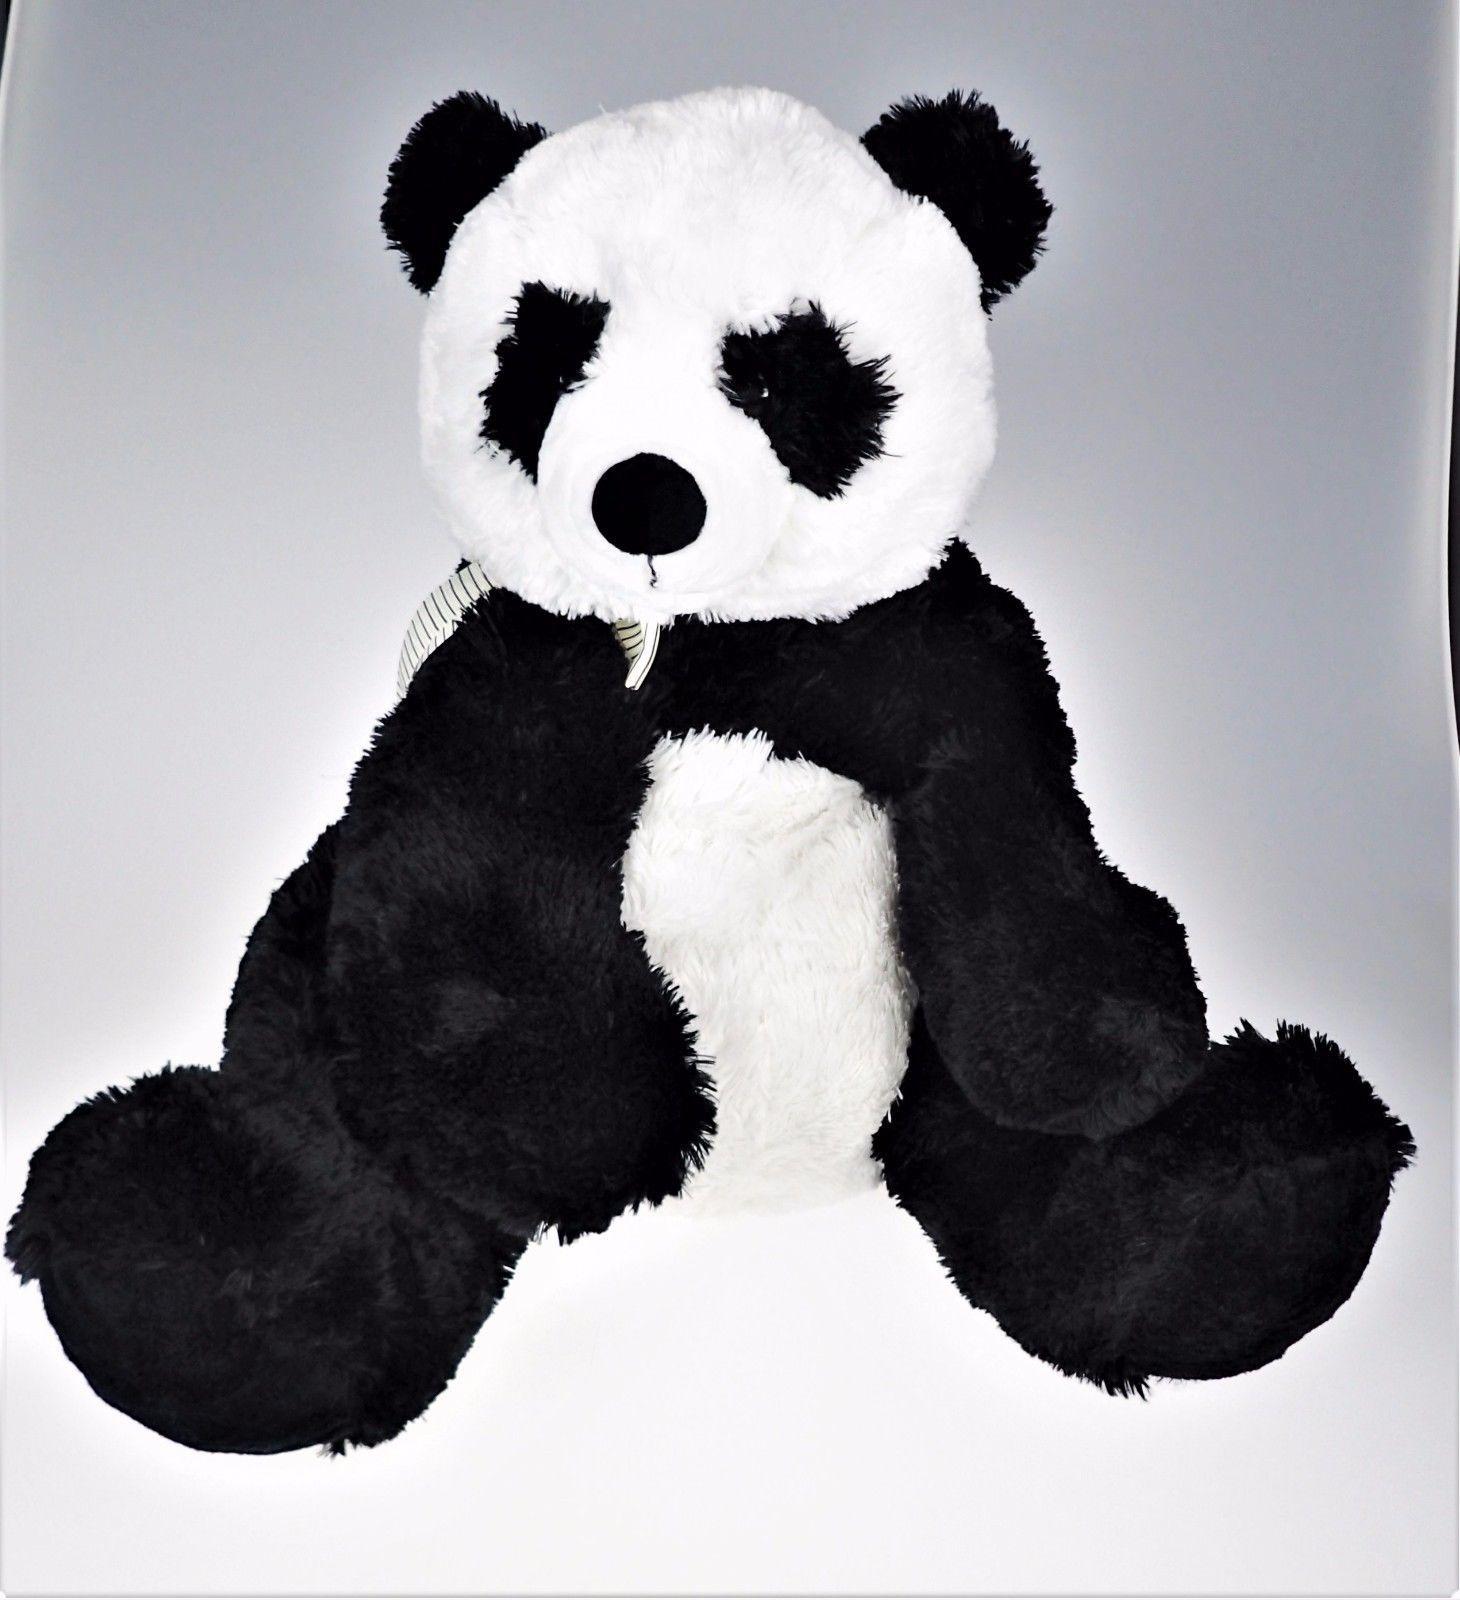 Large Panda Bear Soft Plush Stuffed Toy Animal Walmart Ailuropoda